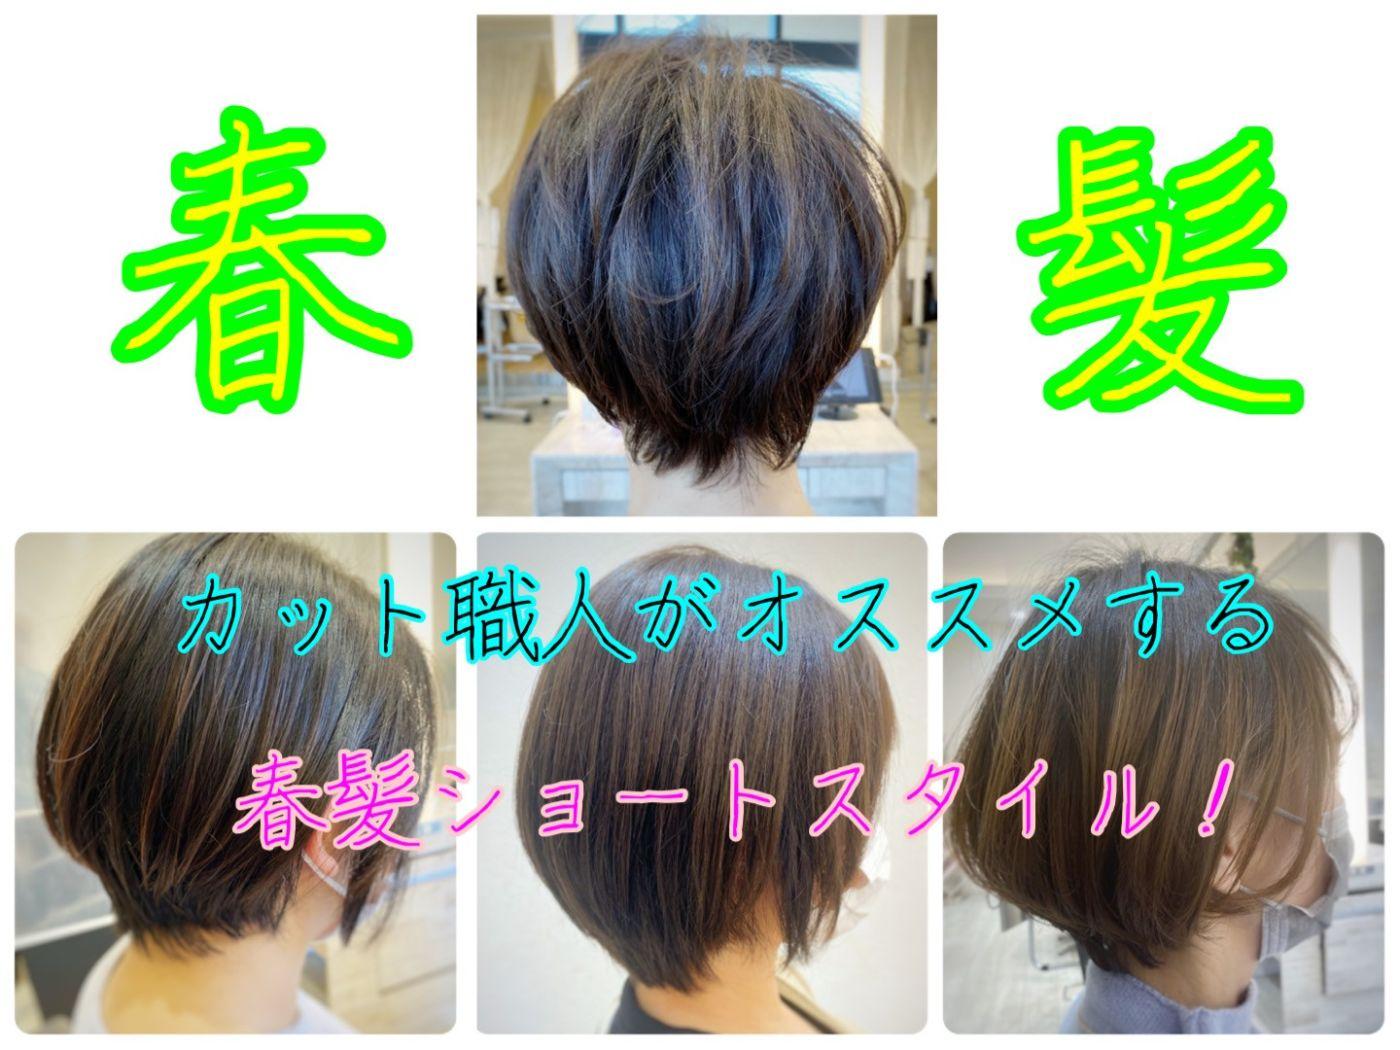 カット職人がオススメする春髪ショートスタイル!